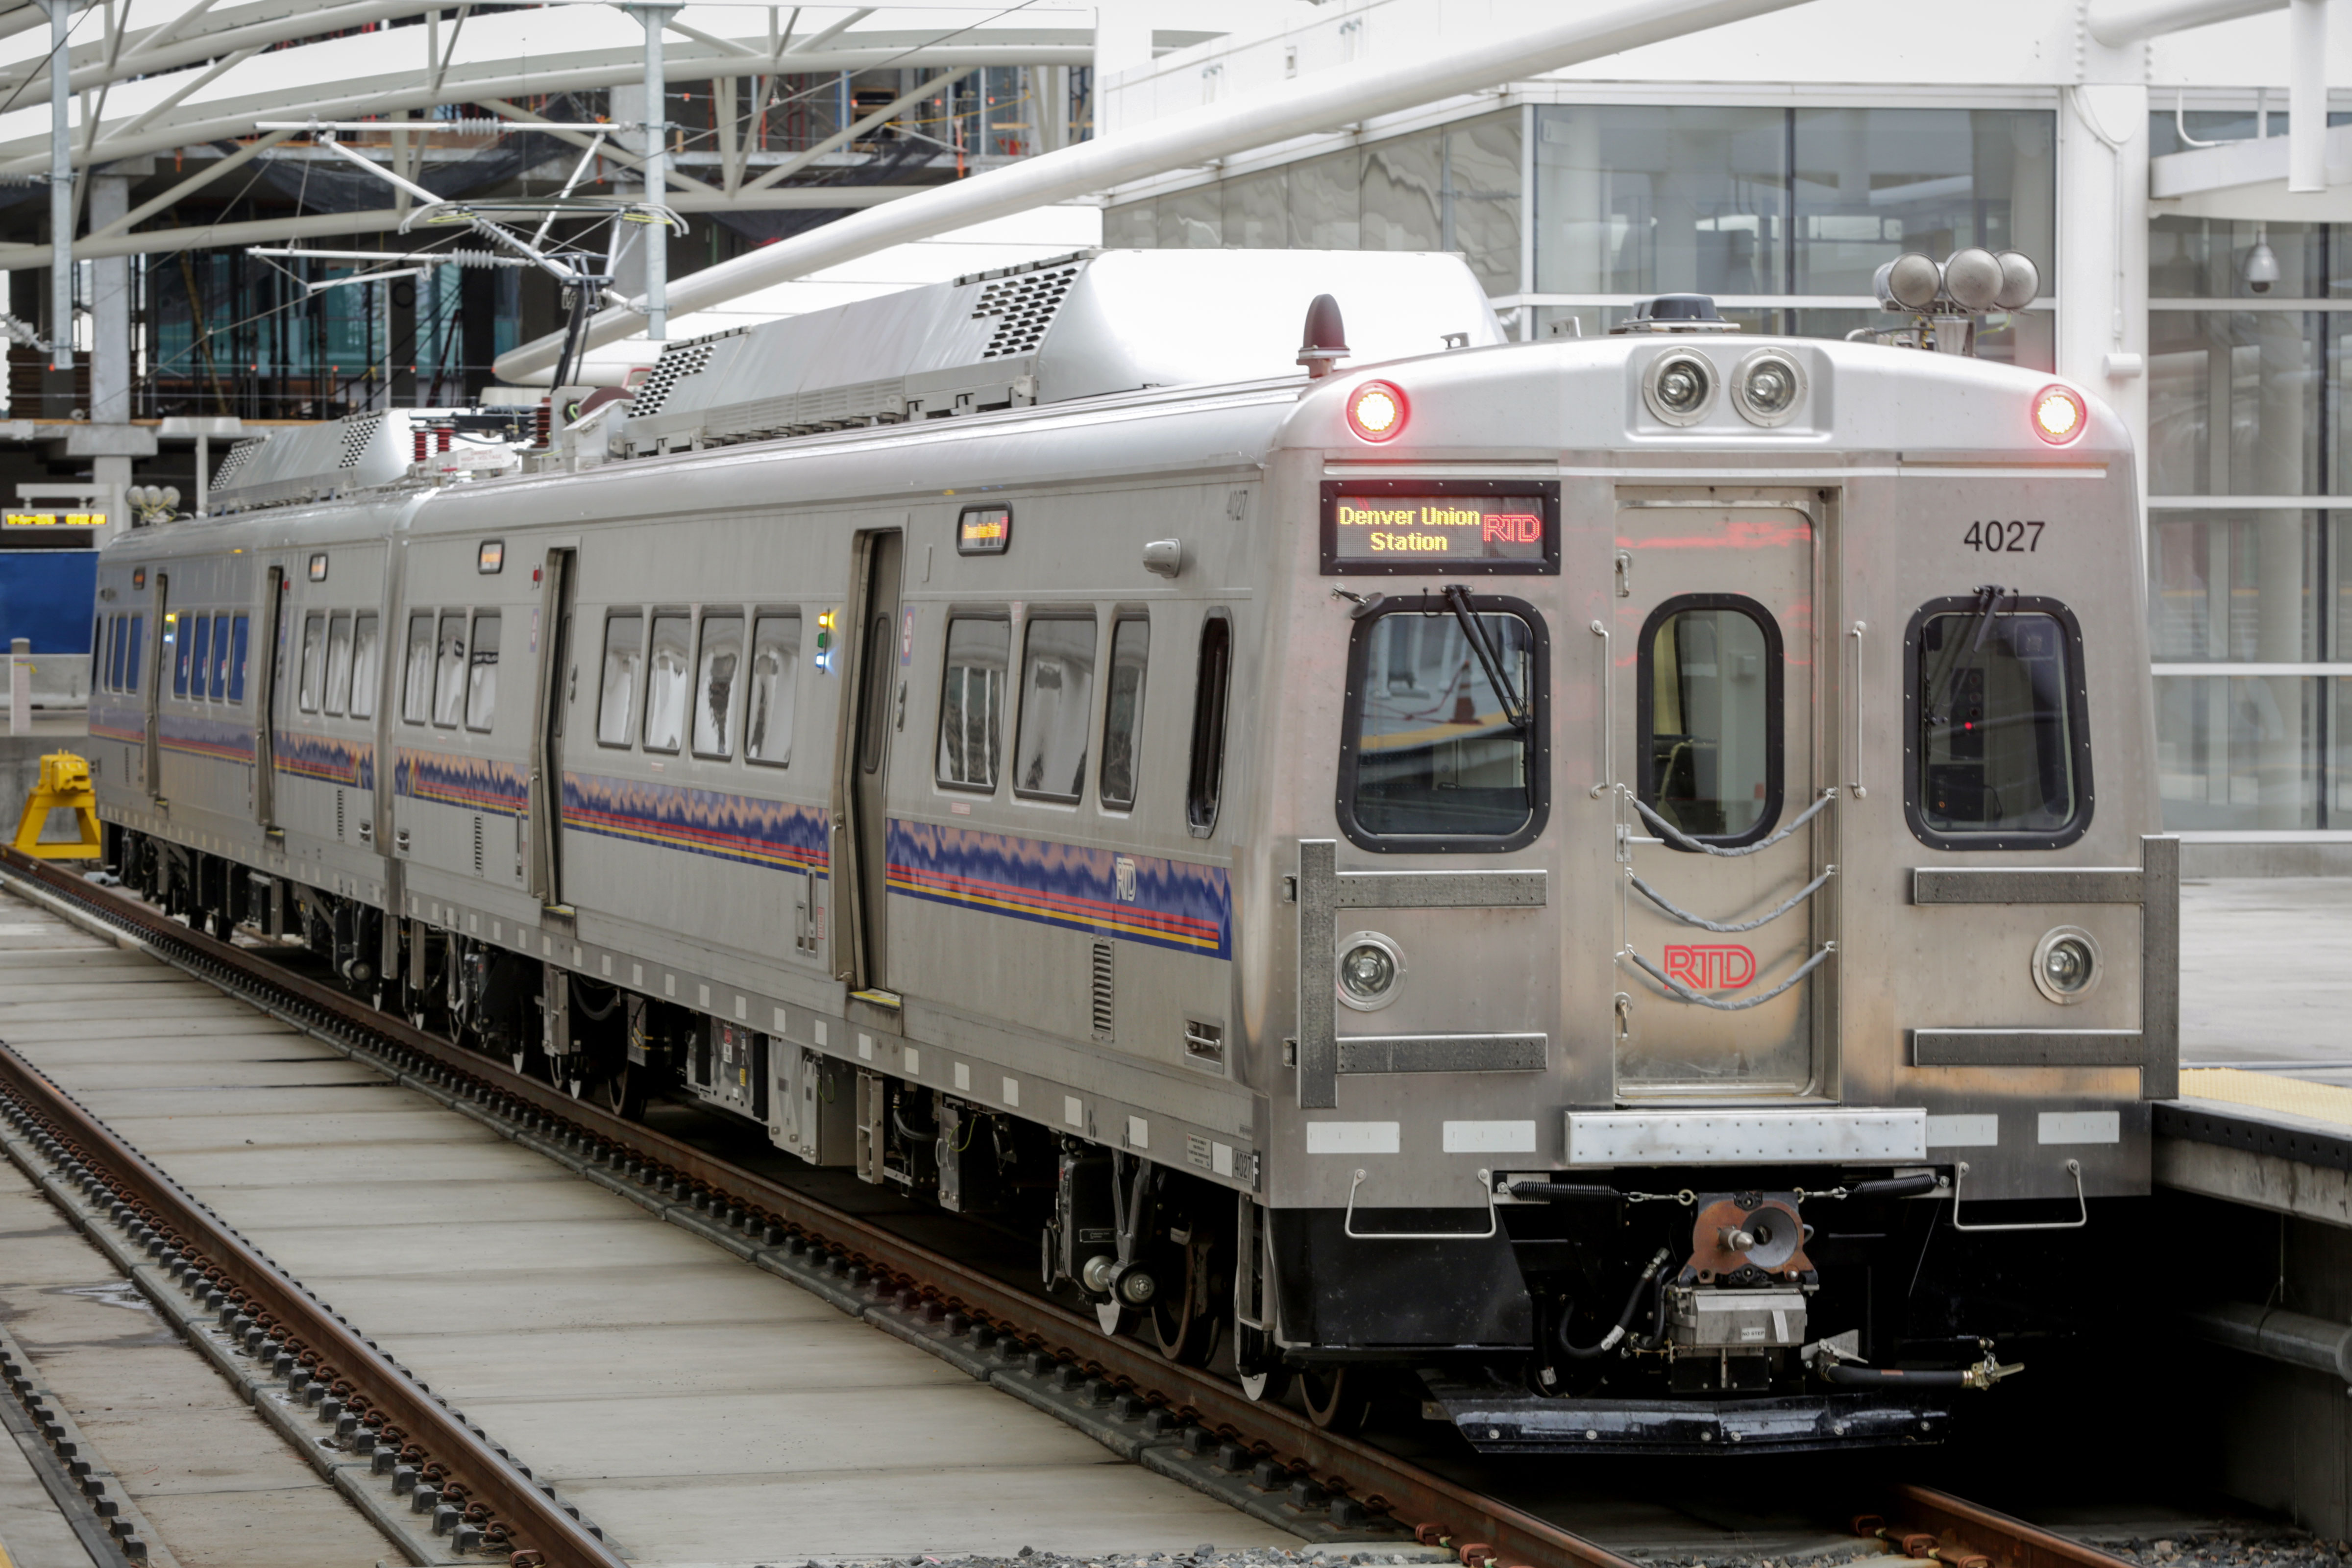 <p>An RTDcommuter railtrain at Union Station, Denver, April 11, 2016.</p>